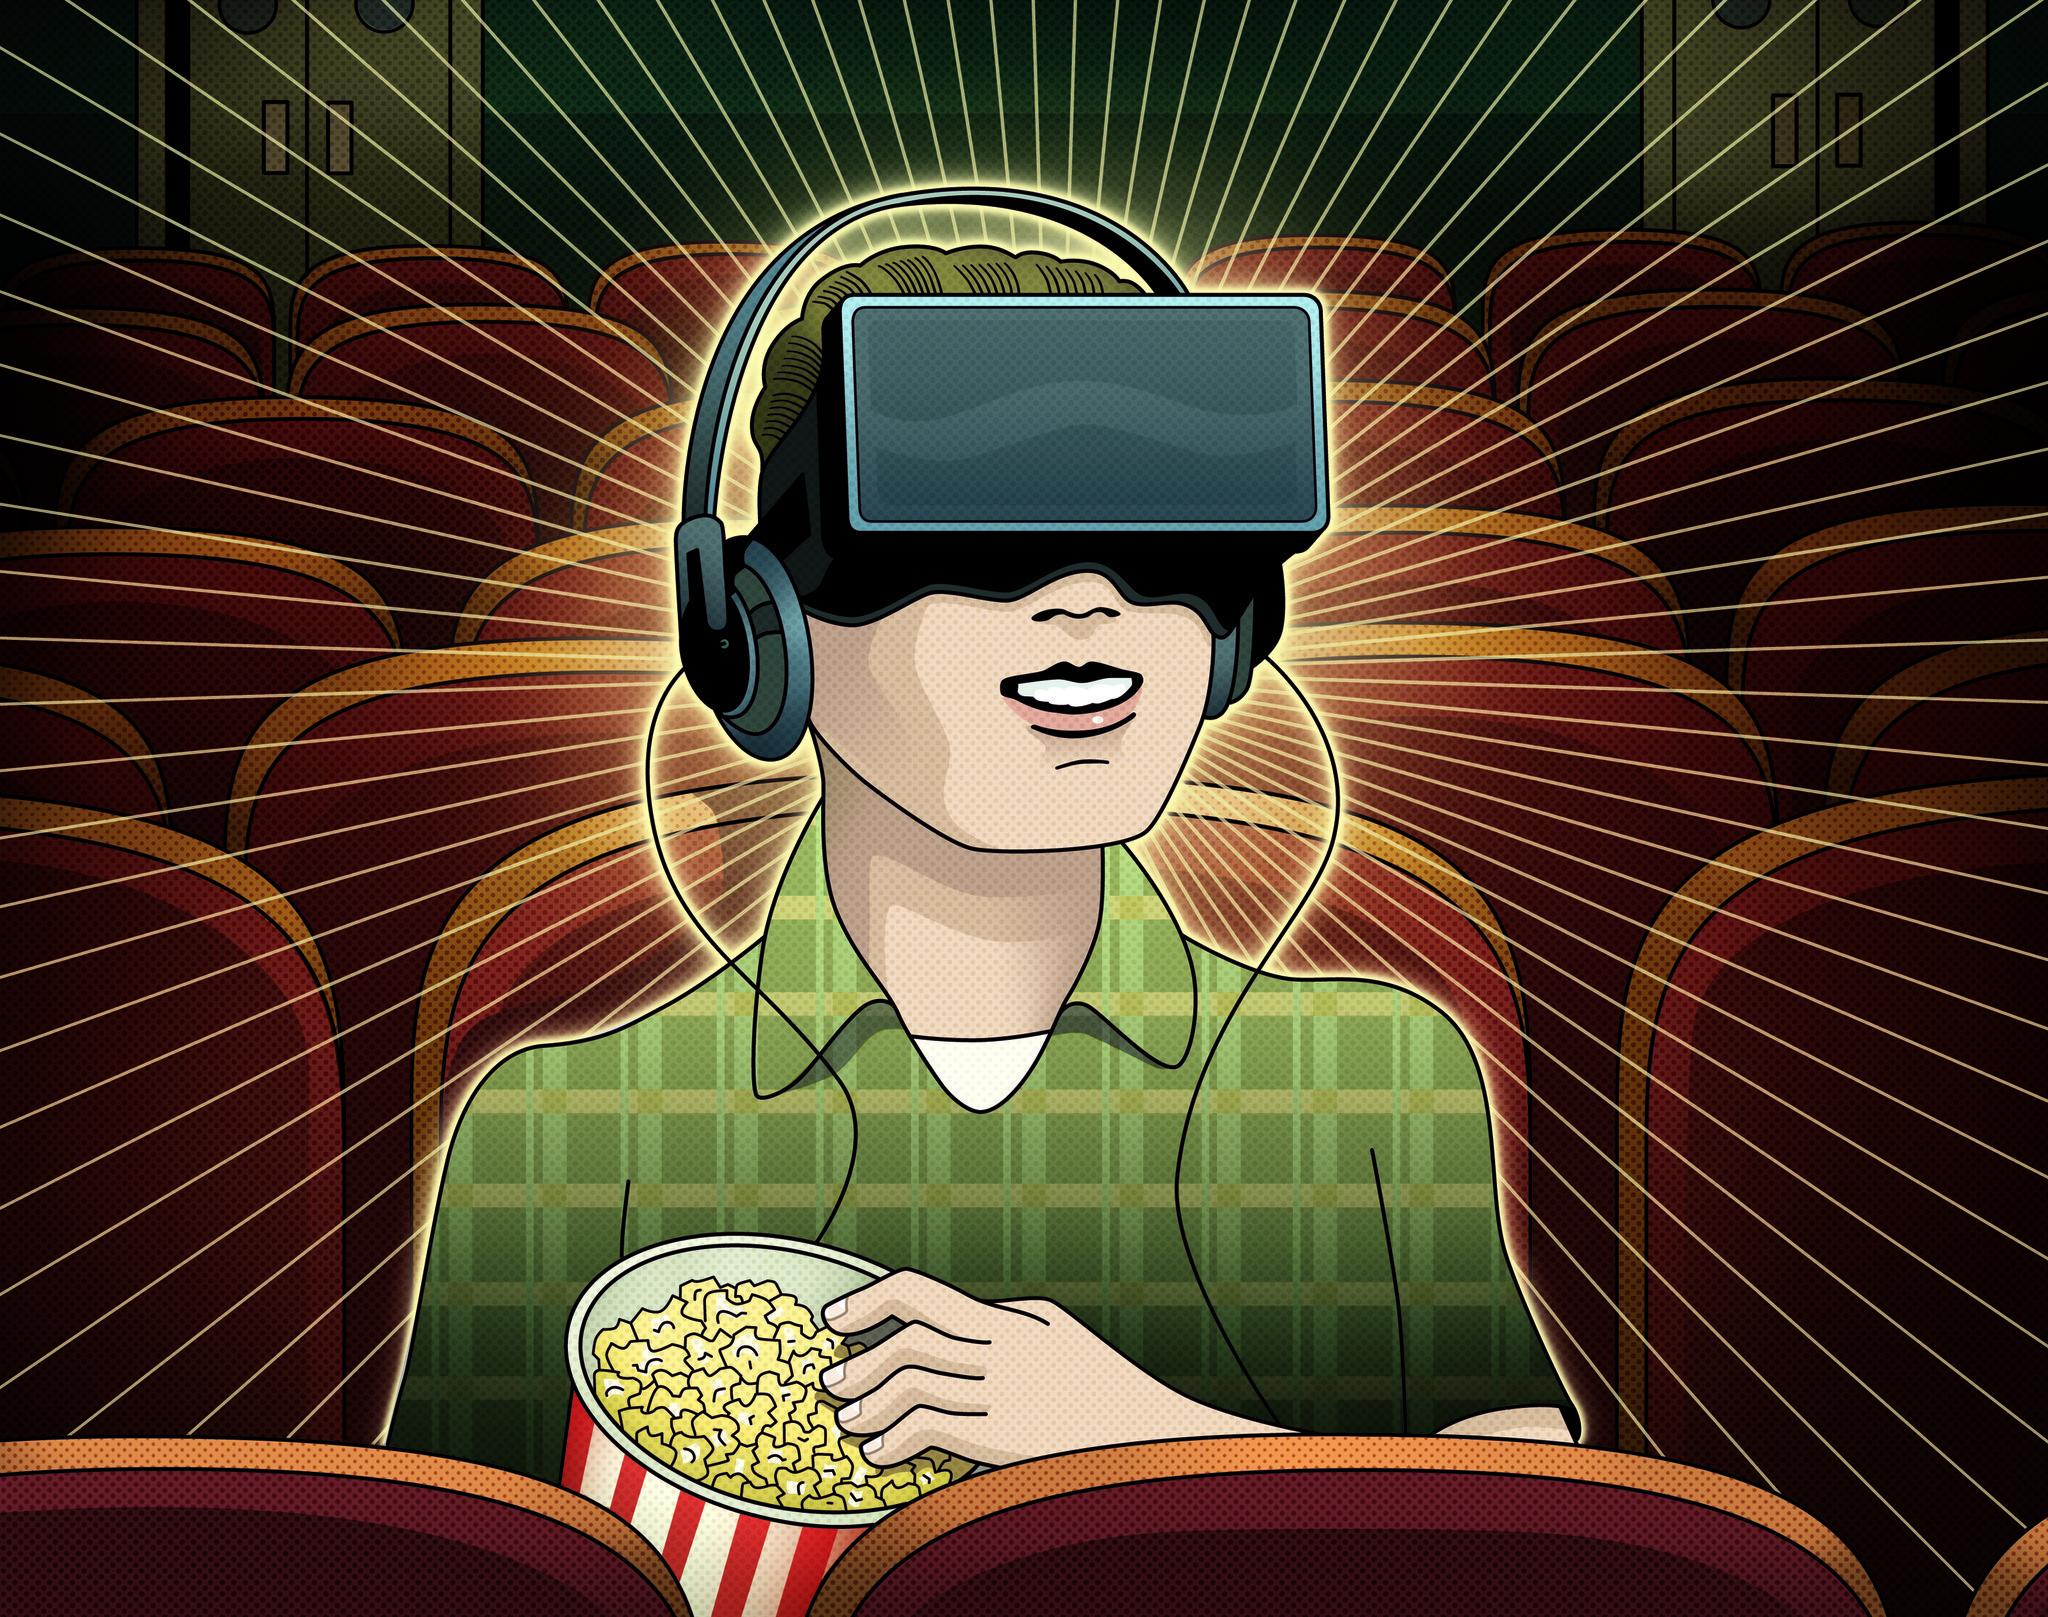 la-et-mn-ca-vr-future-virtual-reality-cinema-20150308